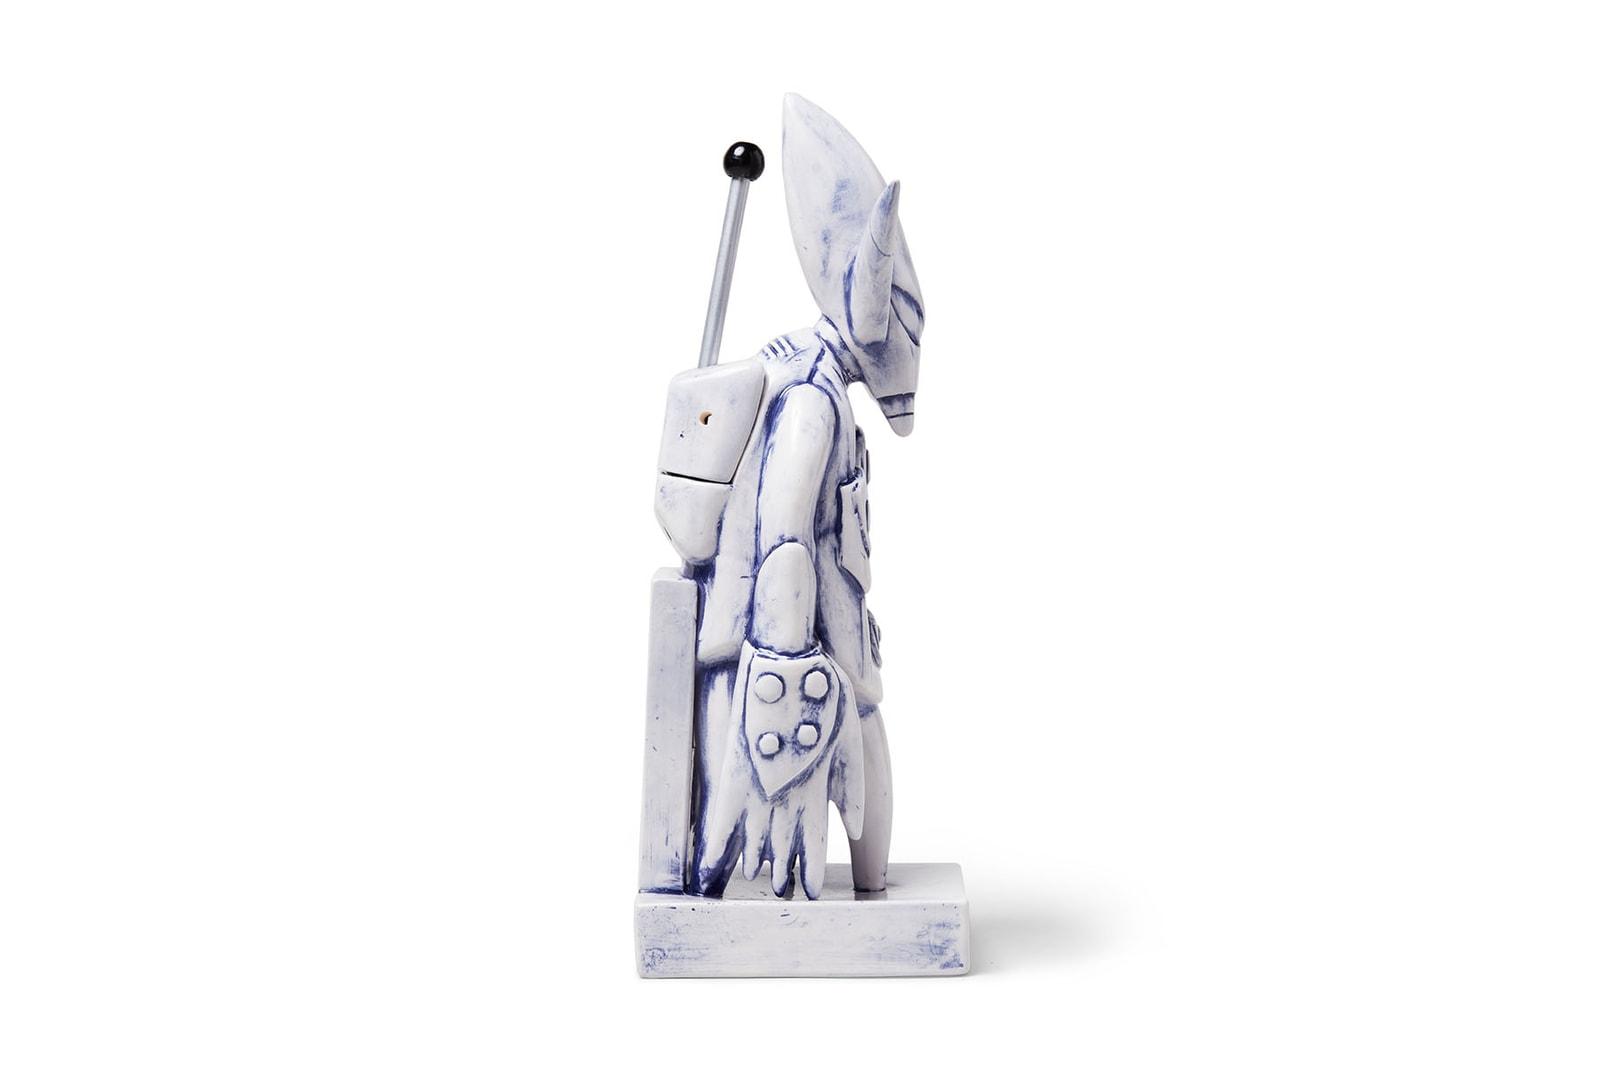 フューチュラ x ネイバーフッドのインセンスチャンバーが発売 futura neighborhood fl incense chamber collaboration generation z the mass exhibition artworks editions collectibles